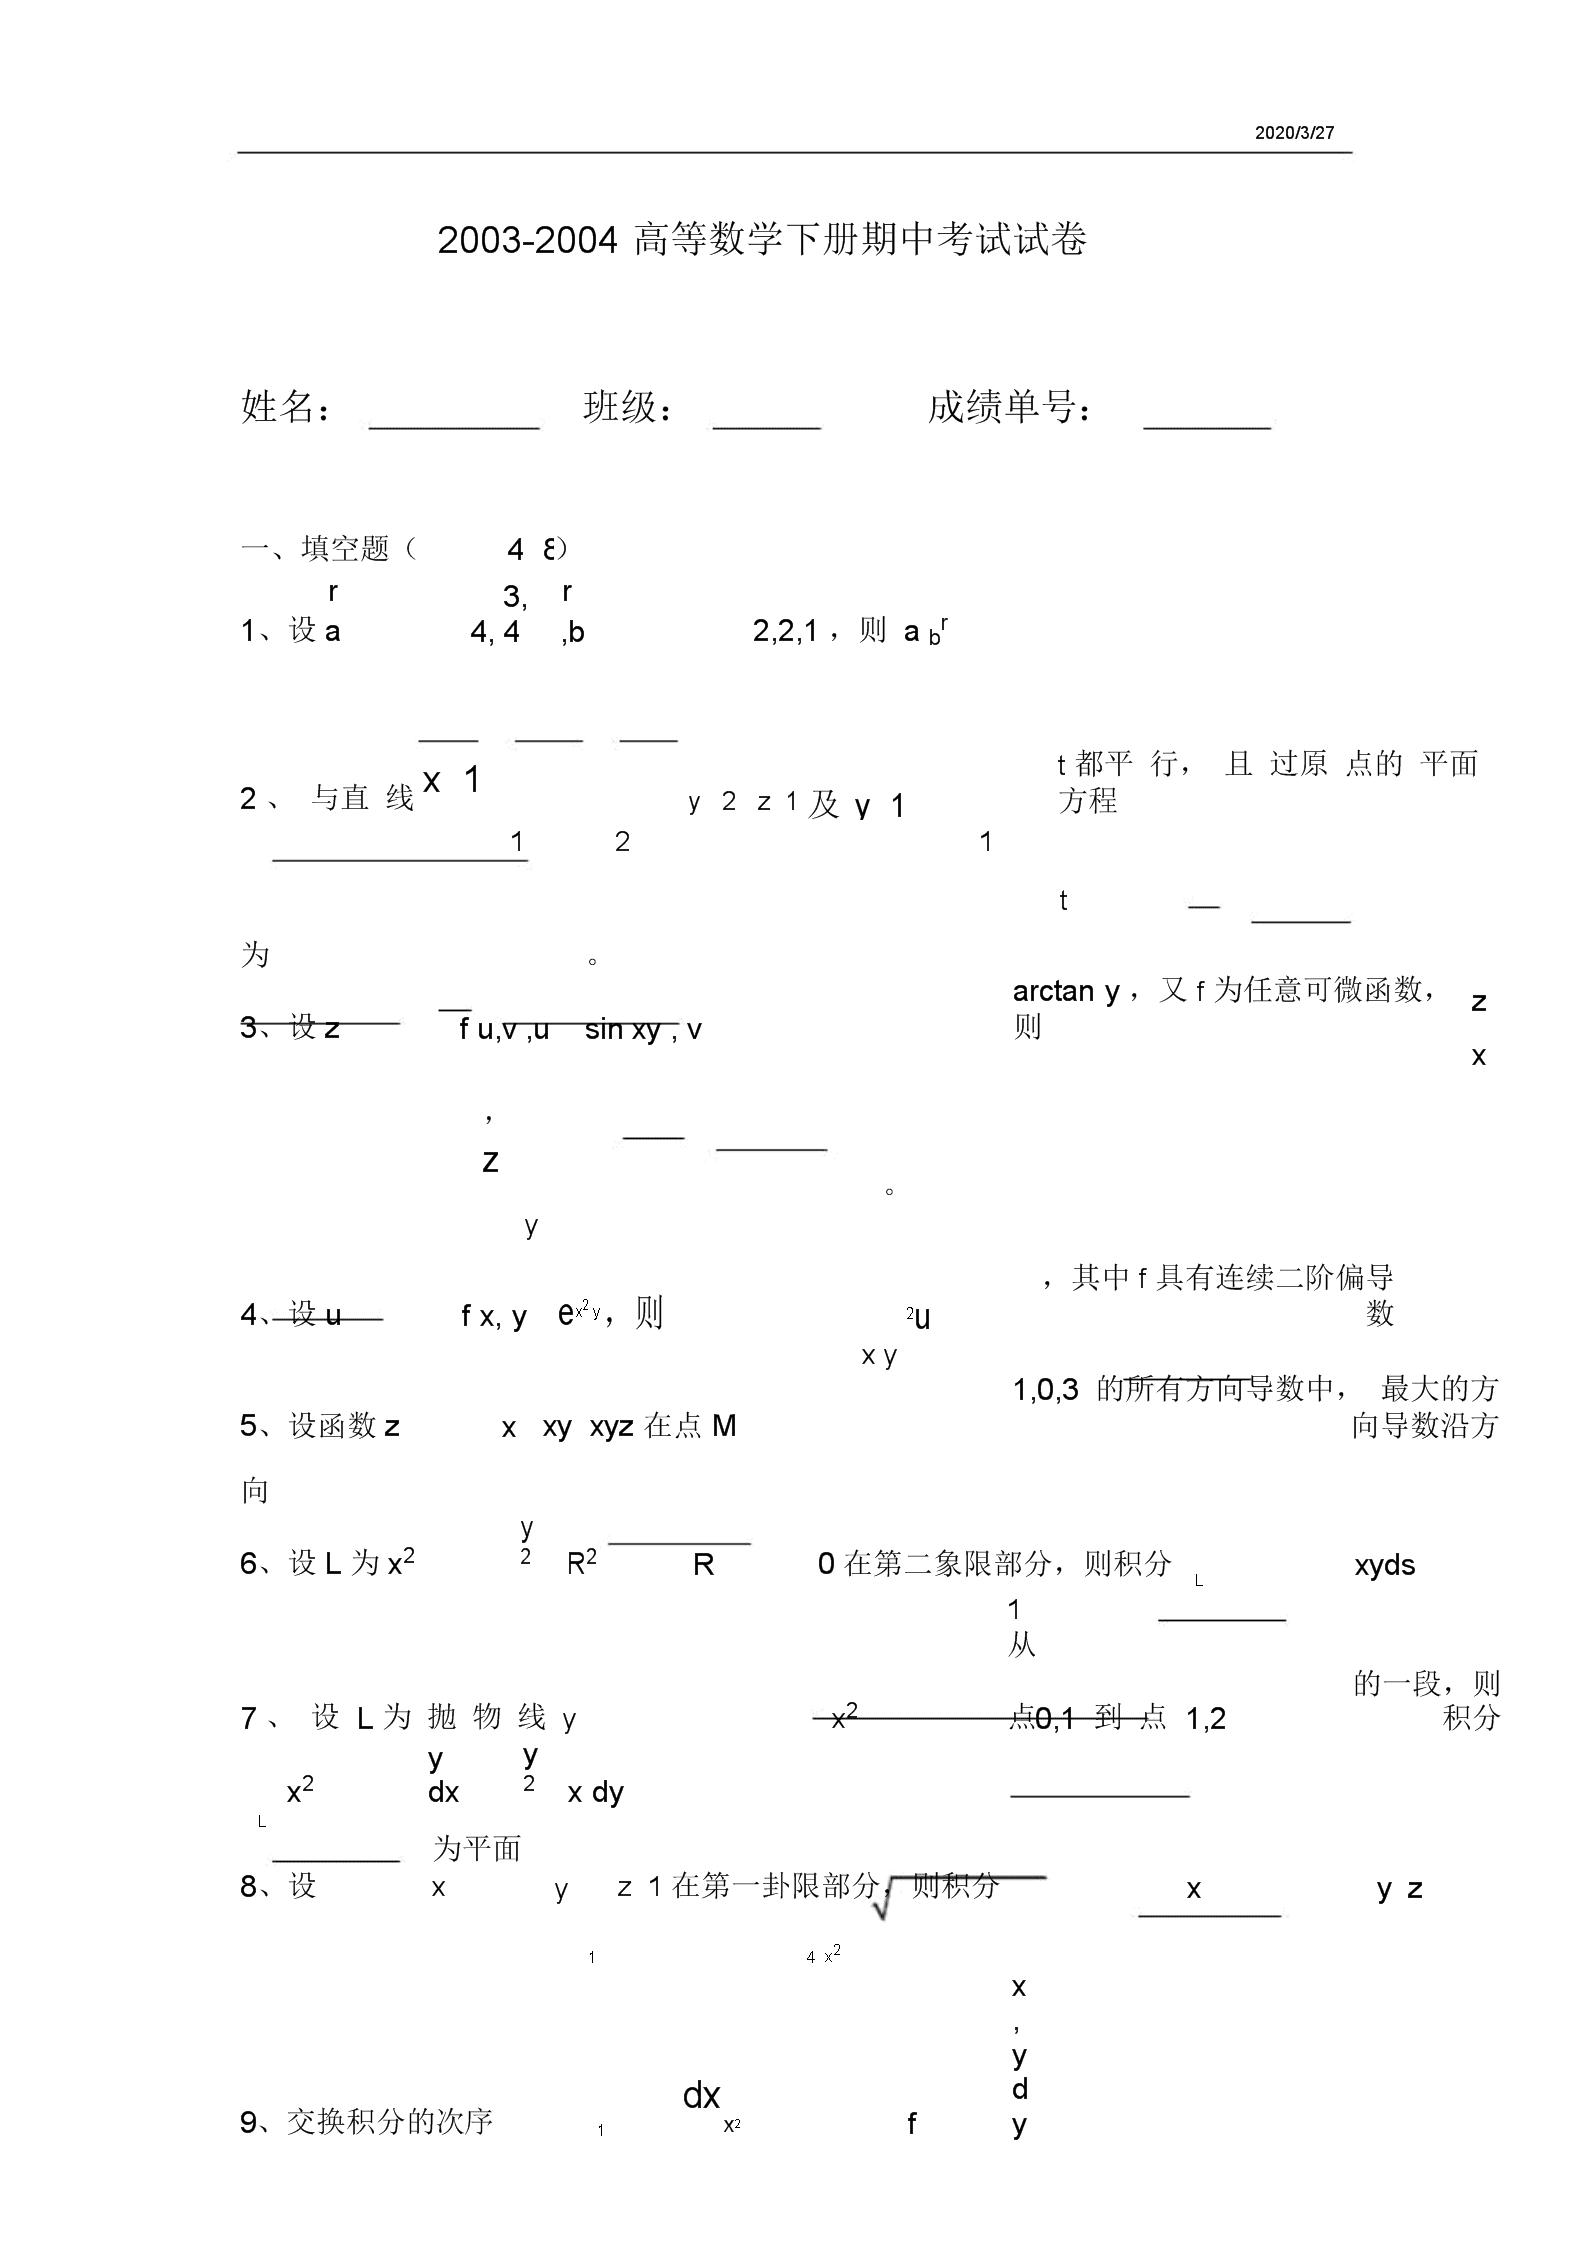 高等数学微积分下试卷系列华南理工大学.docx